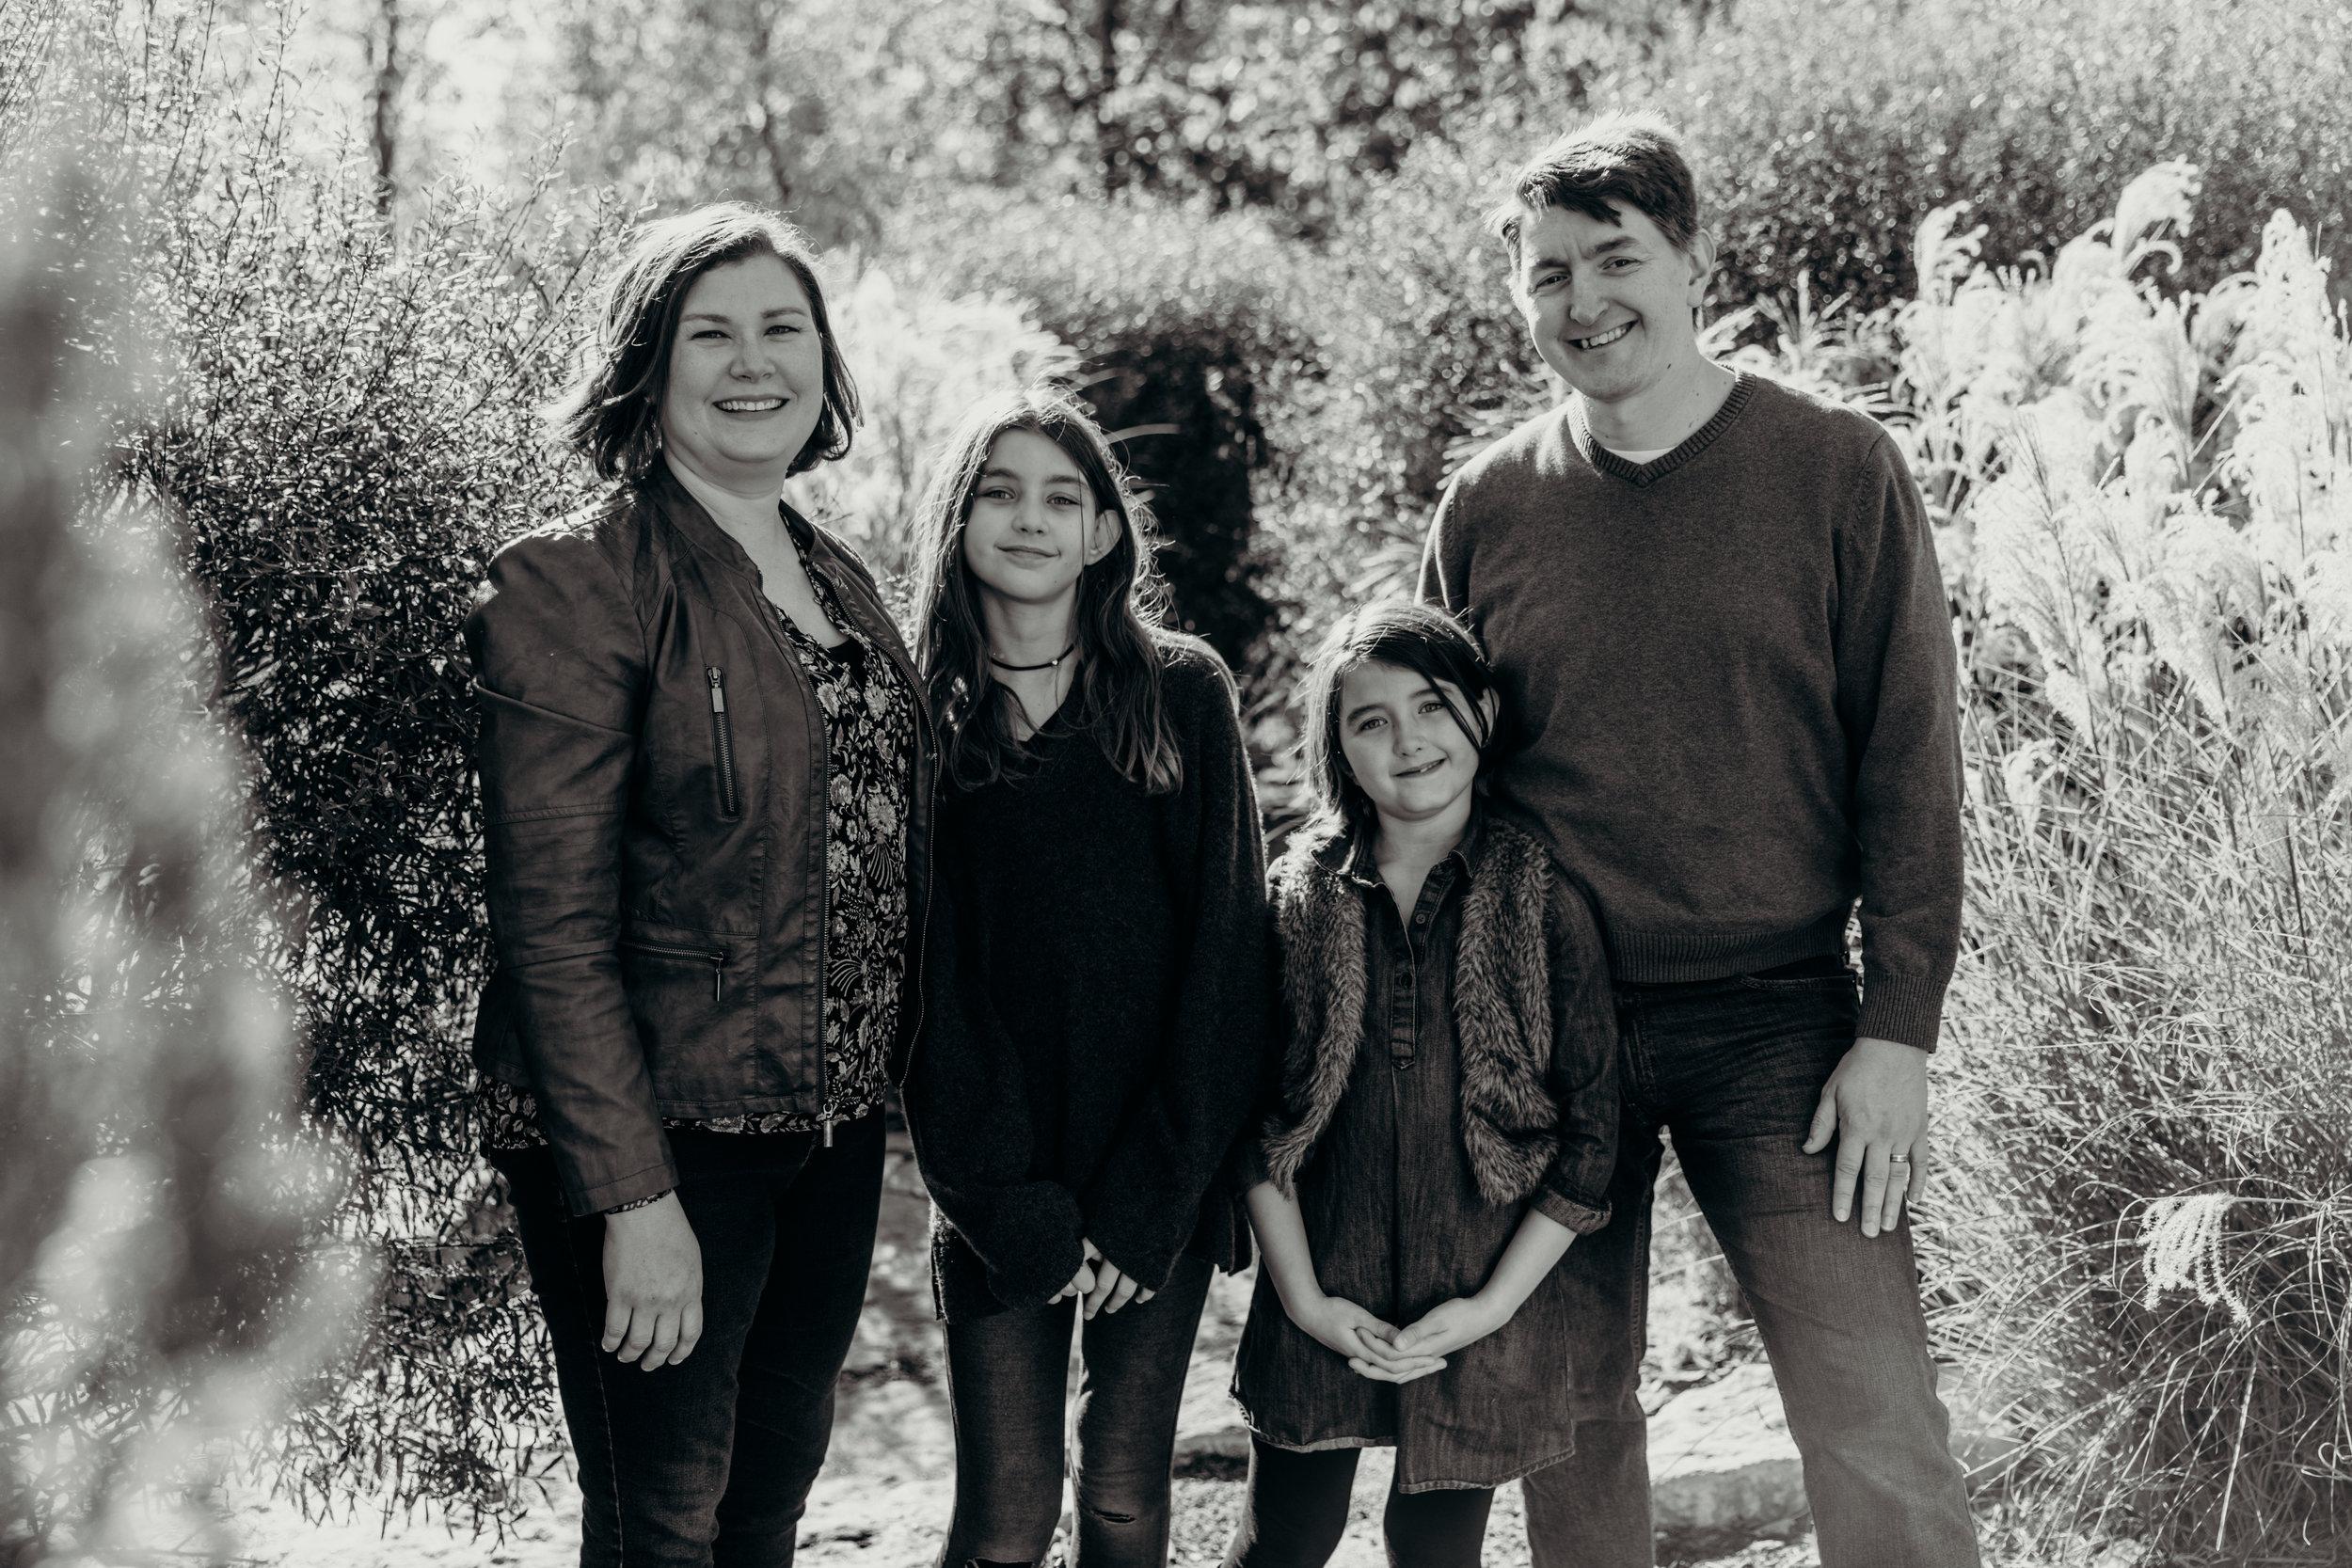 Lingenfelser Family Session-68.jpg